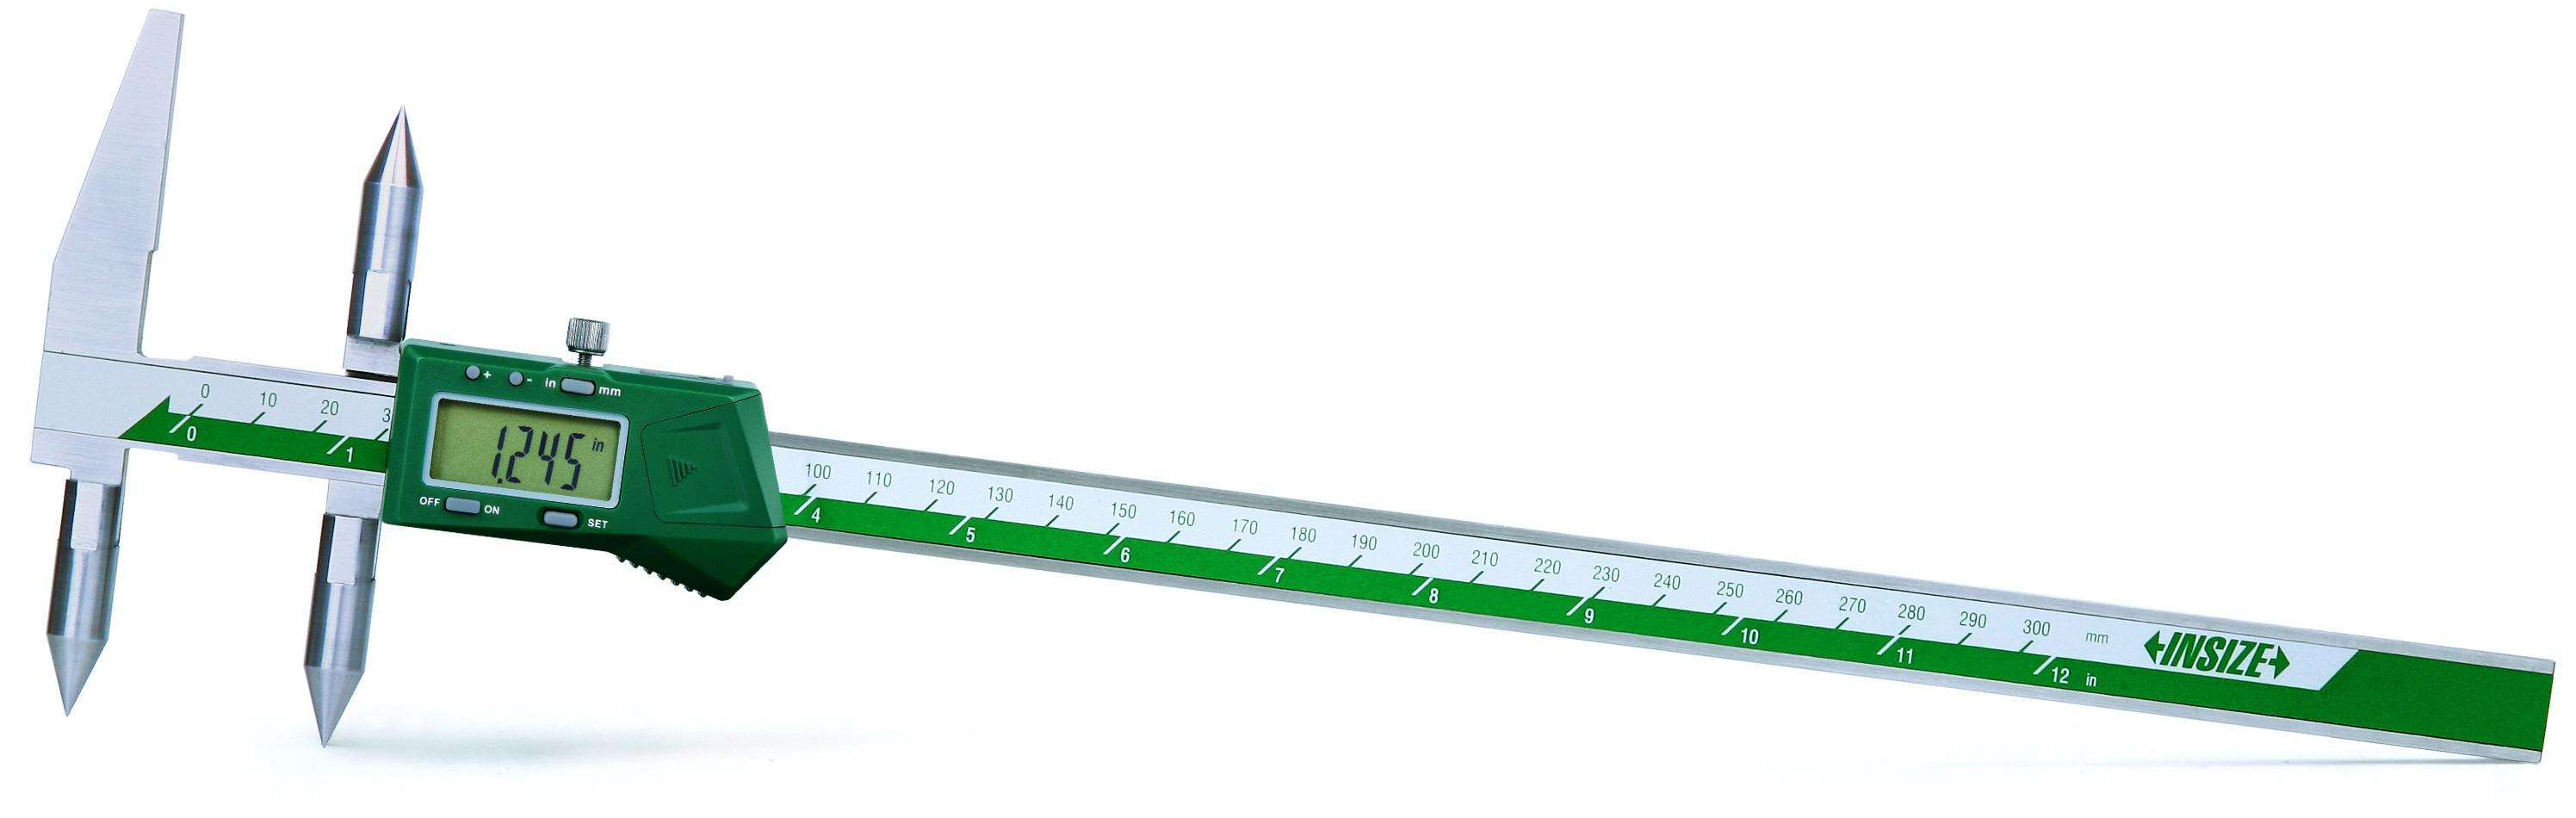 Pomično mjerilo, digitalno, za mjerenje centra, 5-300 mm